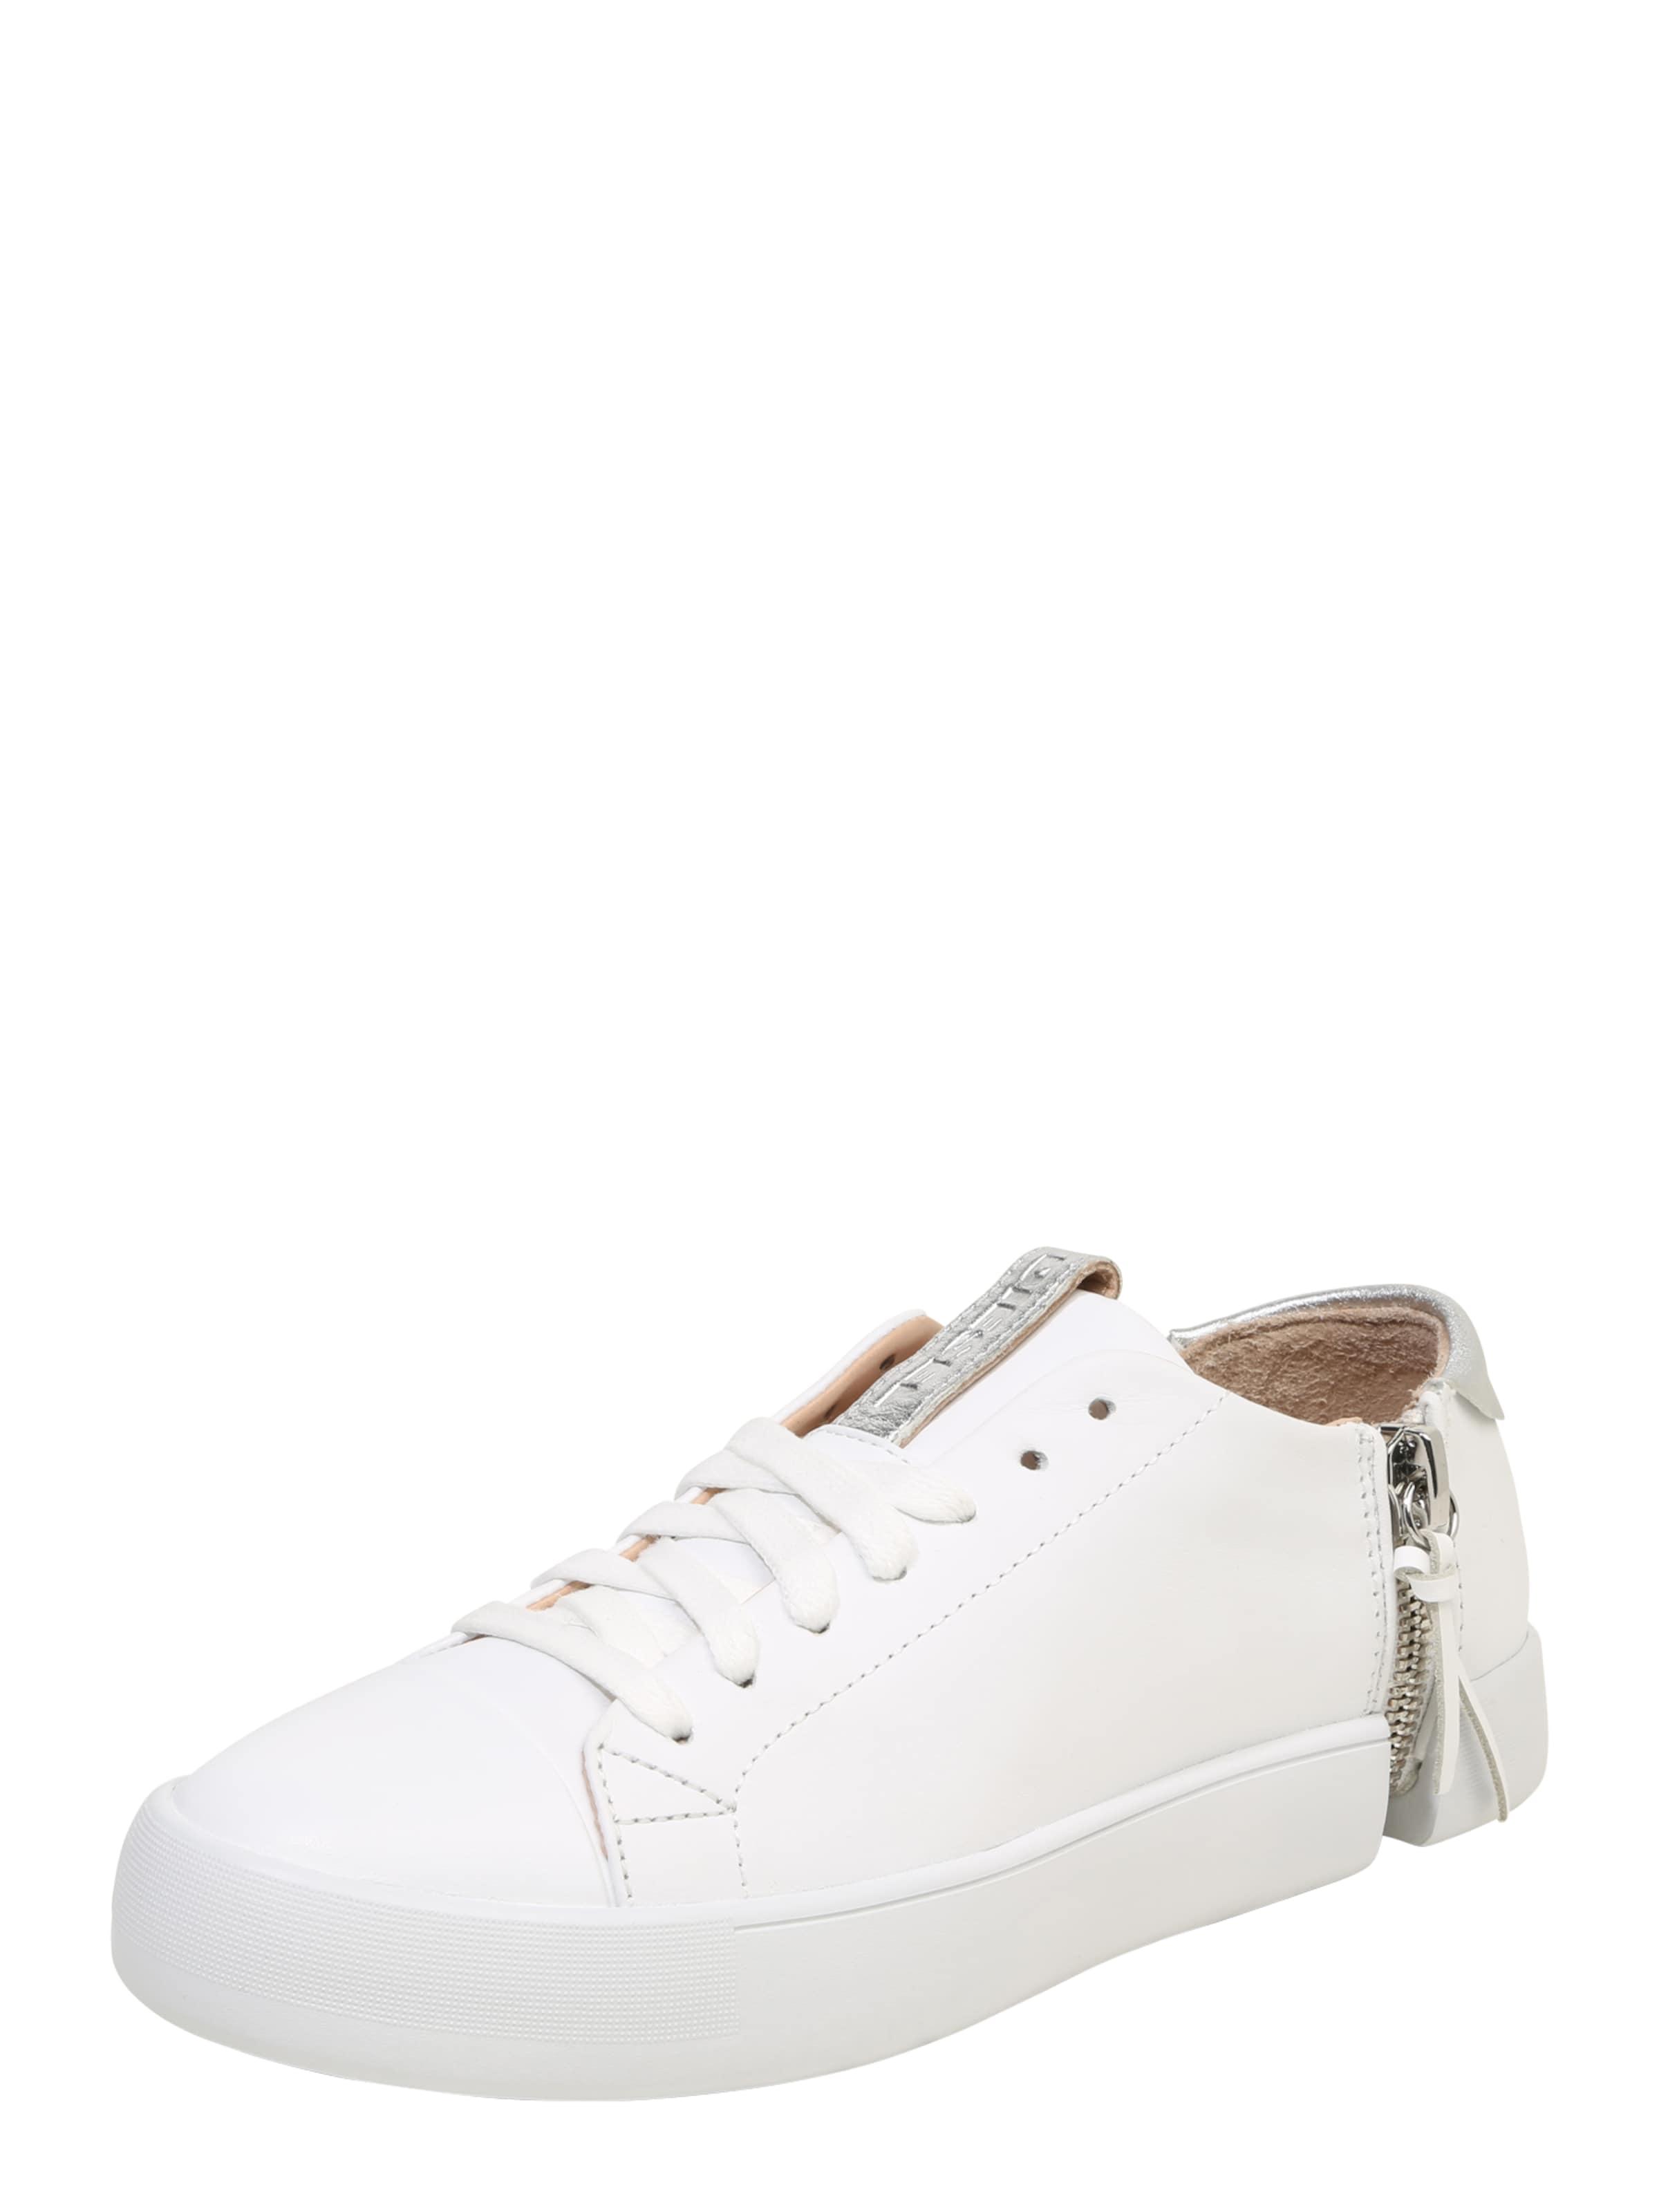 Haltbare Mode billige Schuhe DIESEL | Sneaker 'S-NENTISH' Schuhe Schuhe Schuhe Gut getragene Schuhe 439763